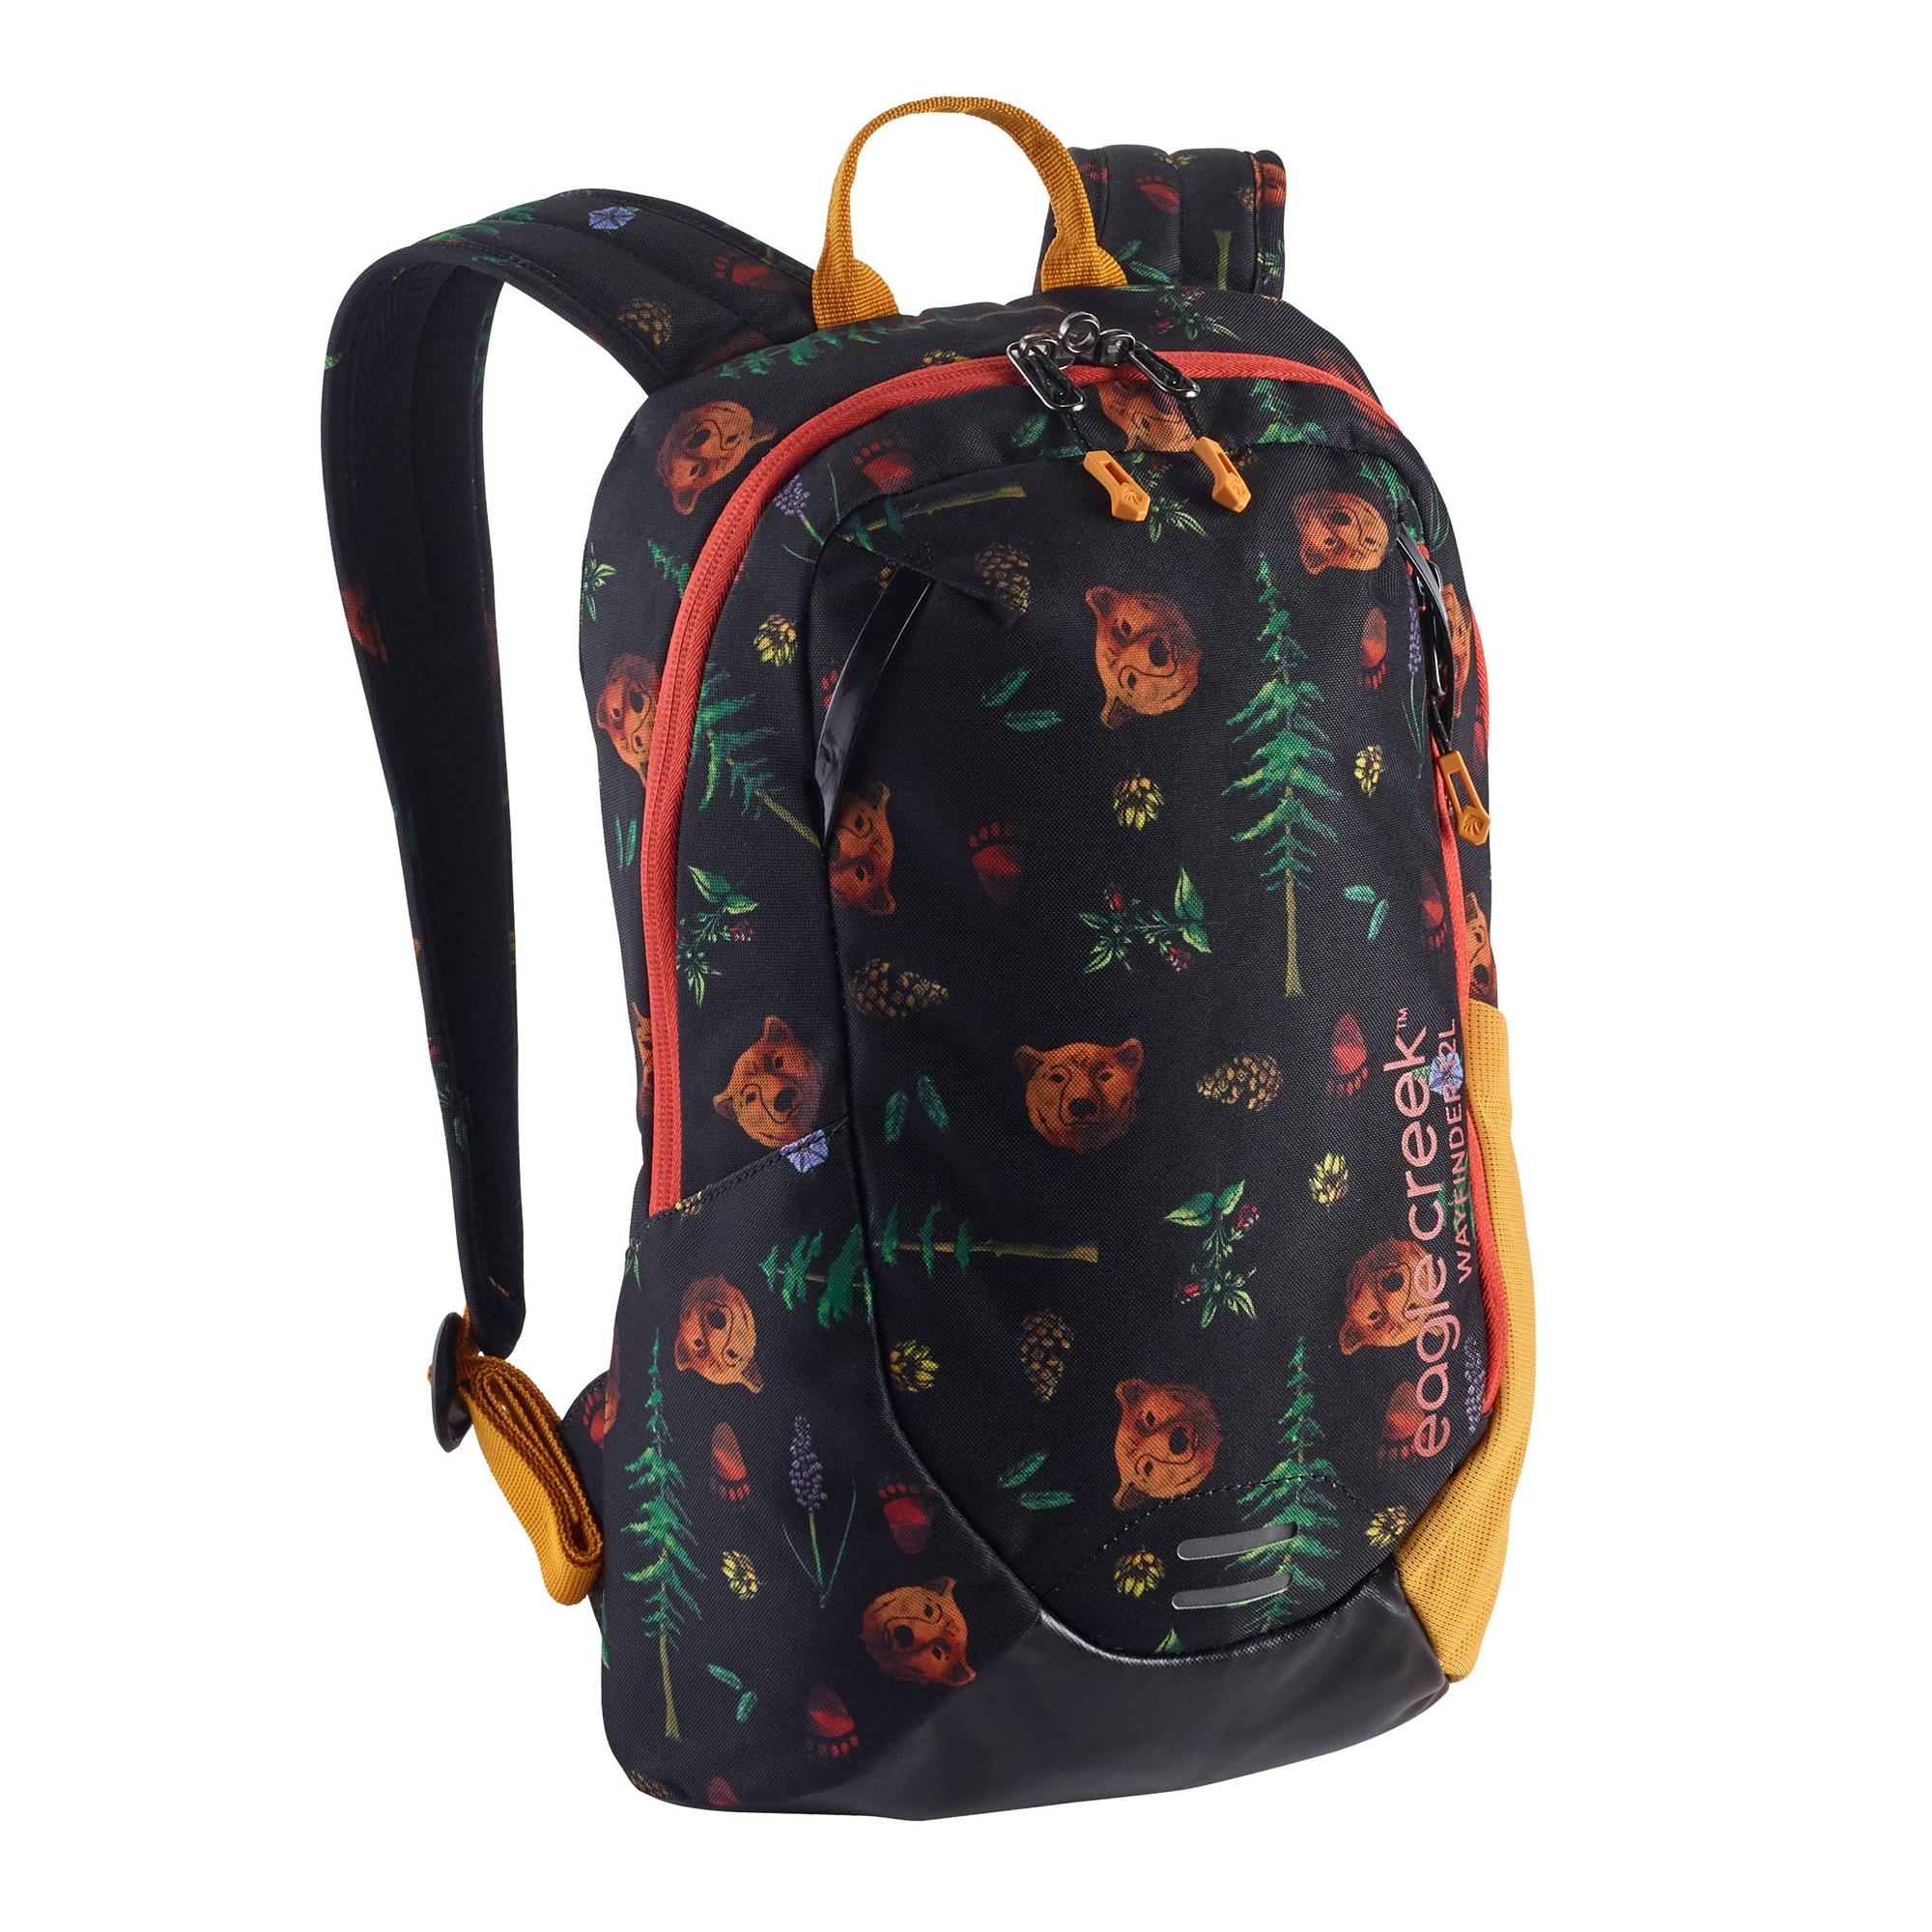 Eagle Creek Wayfinder Backpack 12 L